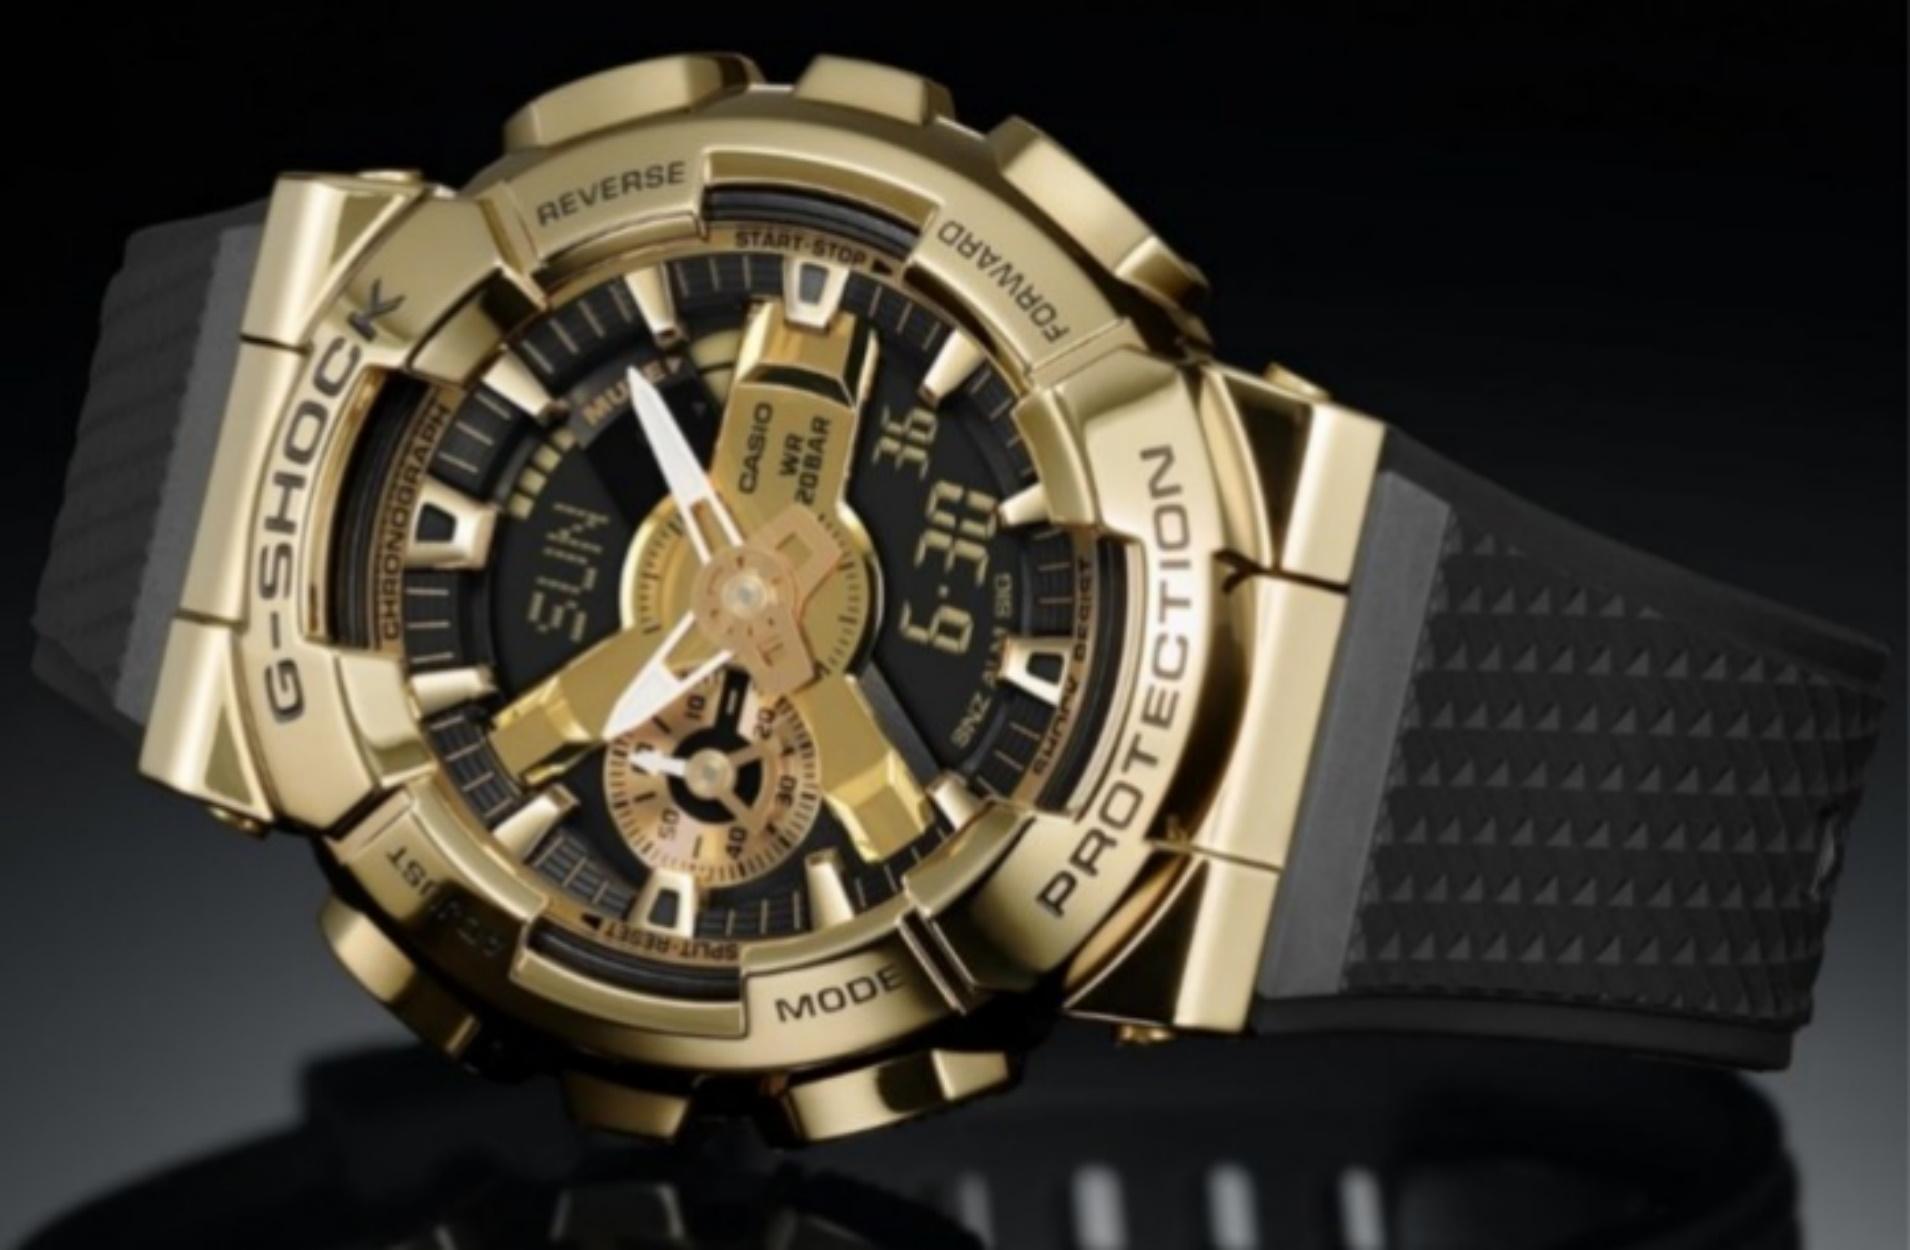 Η G-Shock μόλις κυκλοφόρησε ένα στιβαρό ρολόι που θα τραβήξει πολλά βλέμματα